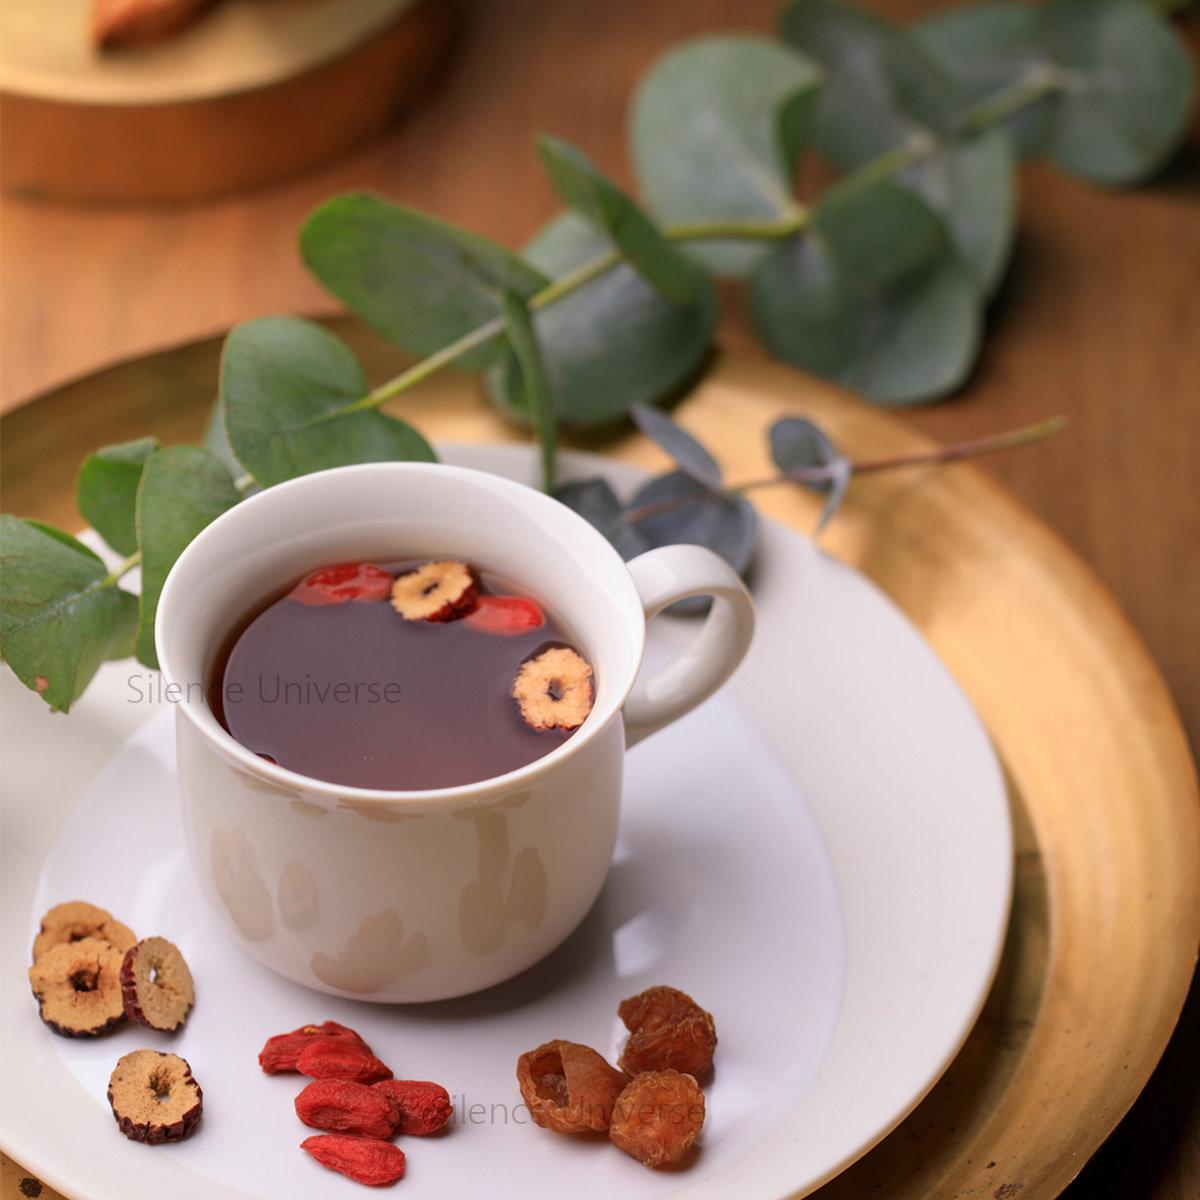 桂圓紅棗杞子茶 (x5包)